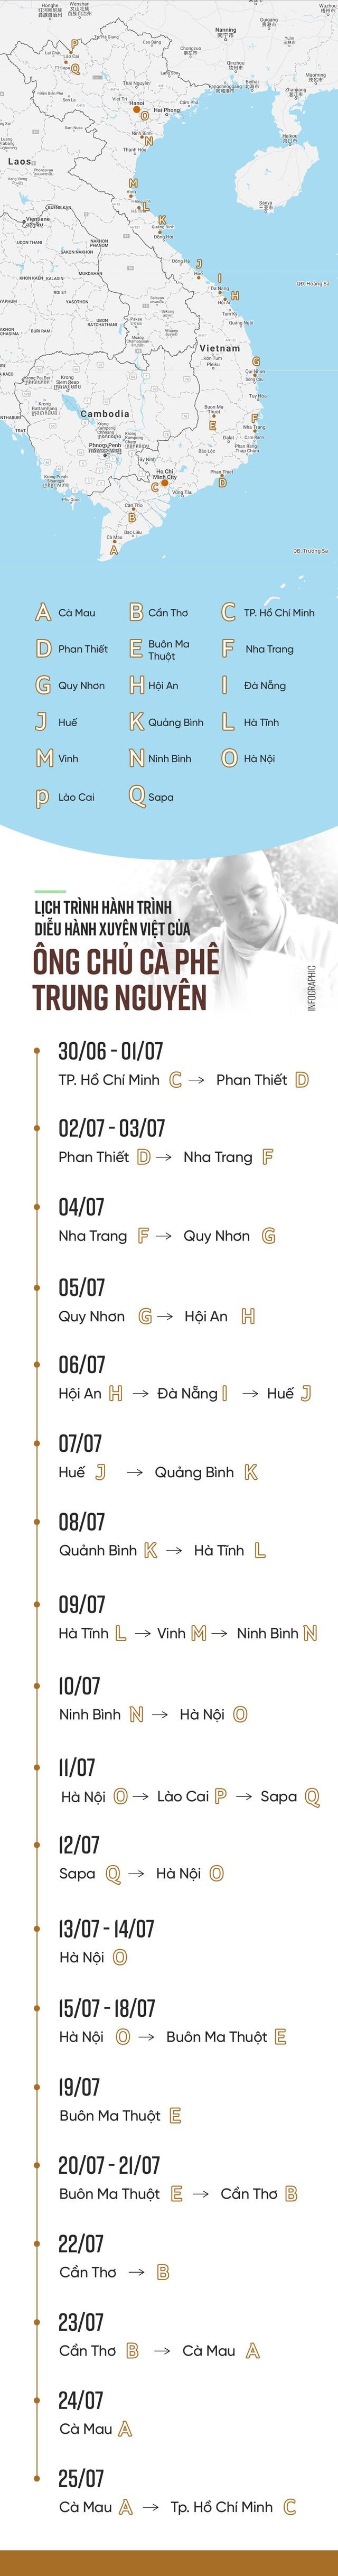 [Infographic] Những nơi dừng chân trong 25 ngày xuyên Việt của đoàn xe Trung Nguyên - Ảnh 1.